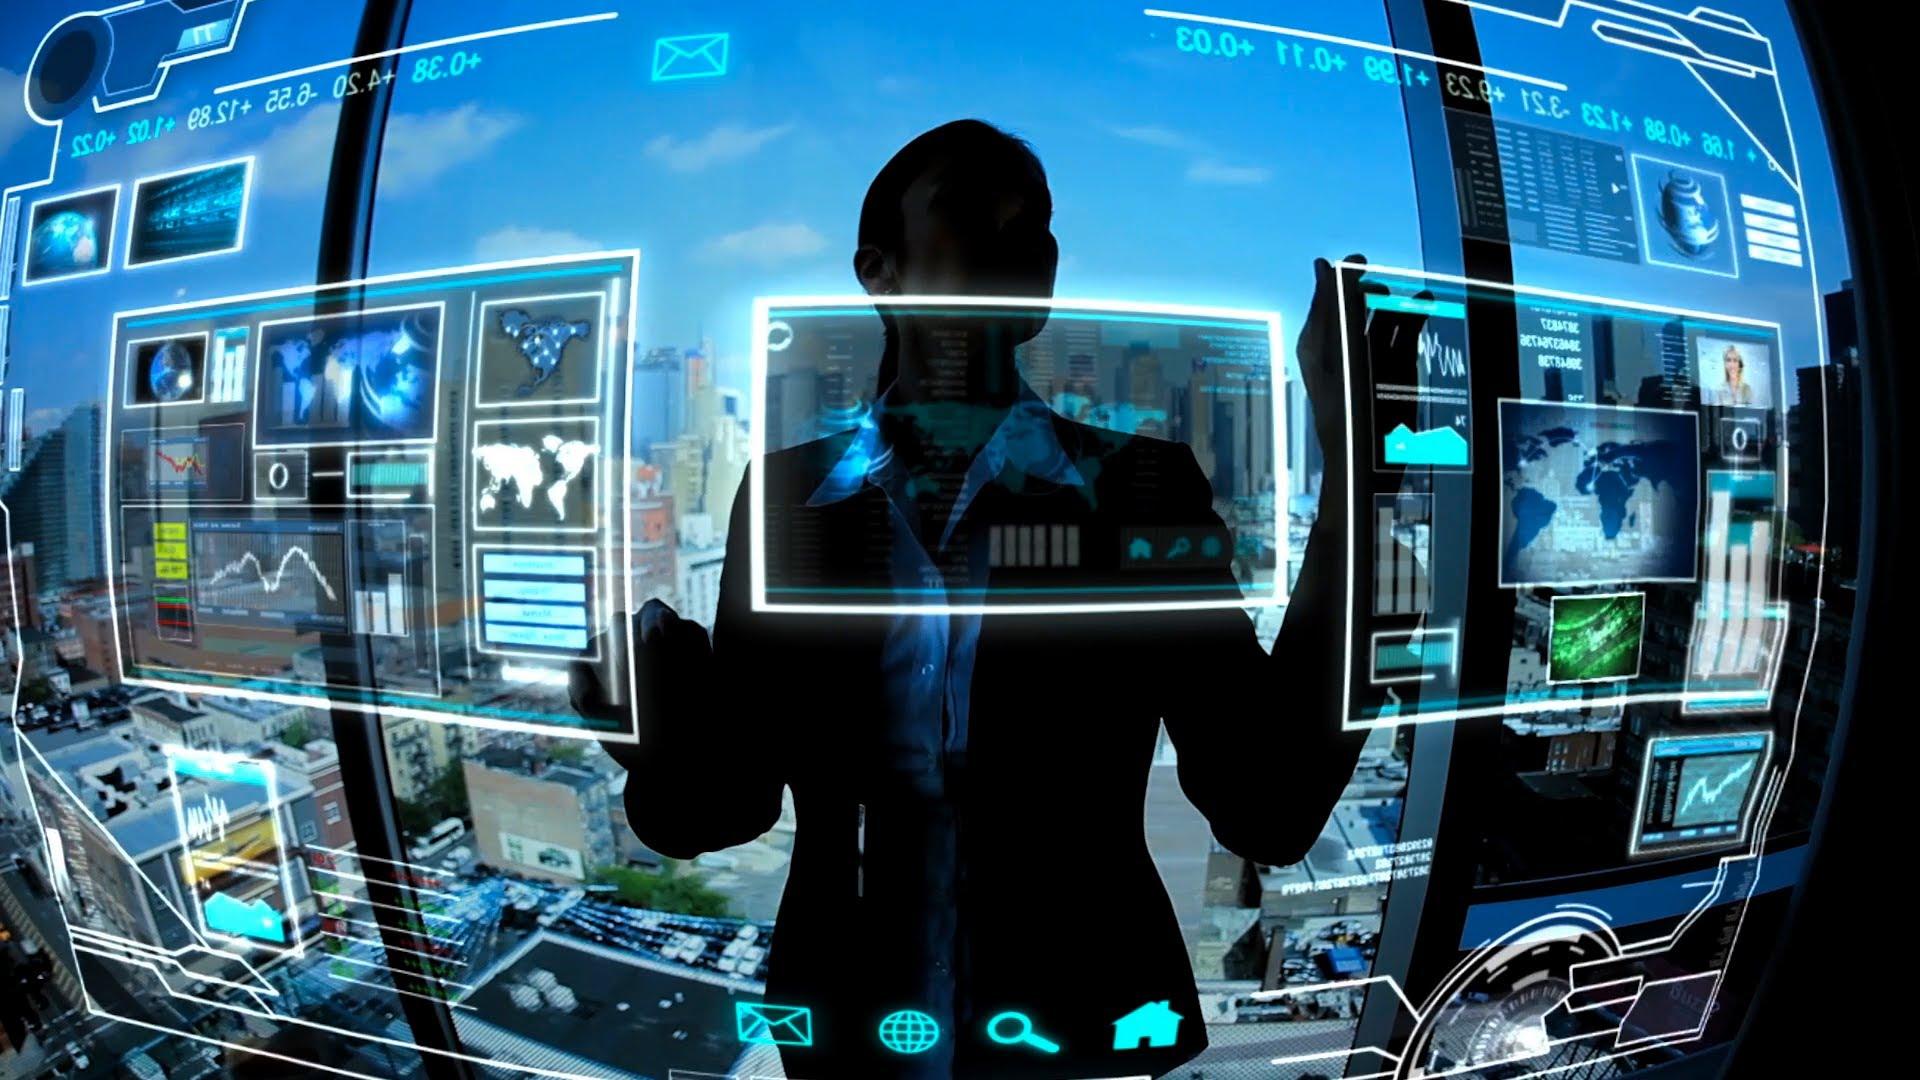 Цифровизация в РФ: новый путь или угроза? (часть 4)